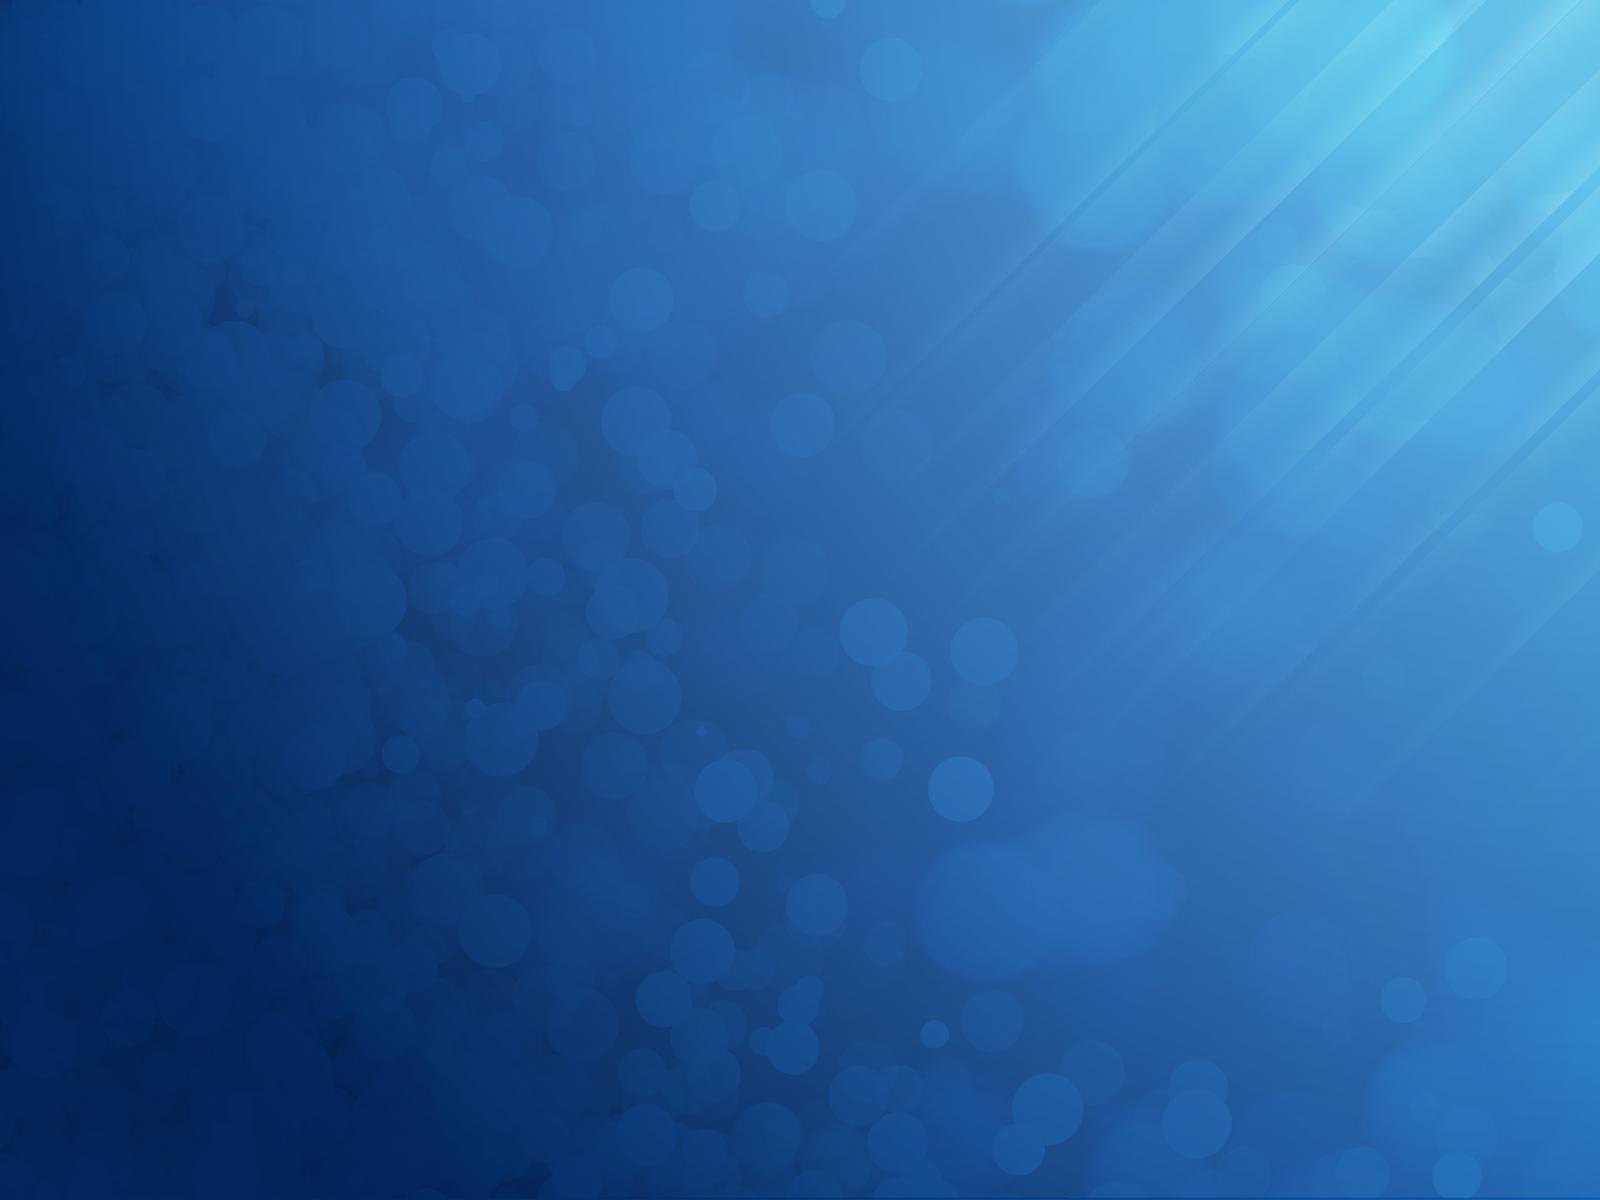 Ipad Retina Hd Wallpaper Rockstar Games: Live Wallpaper For IPad